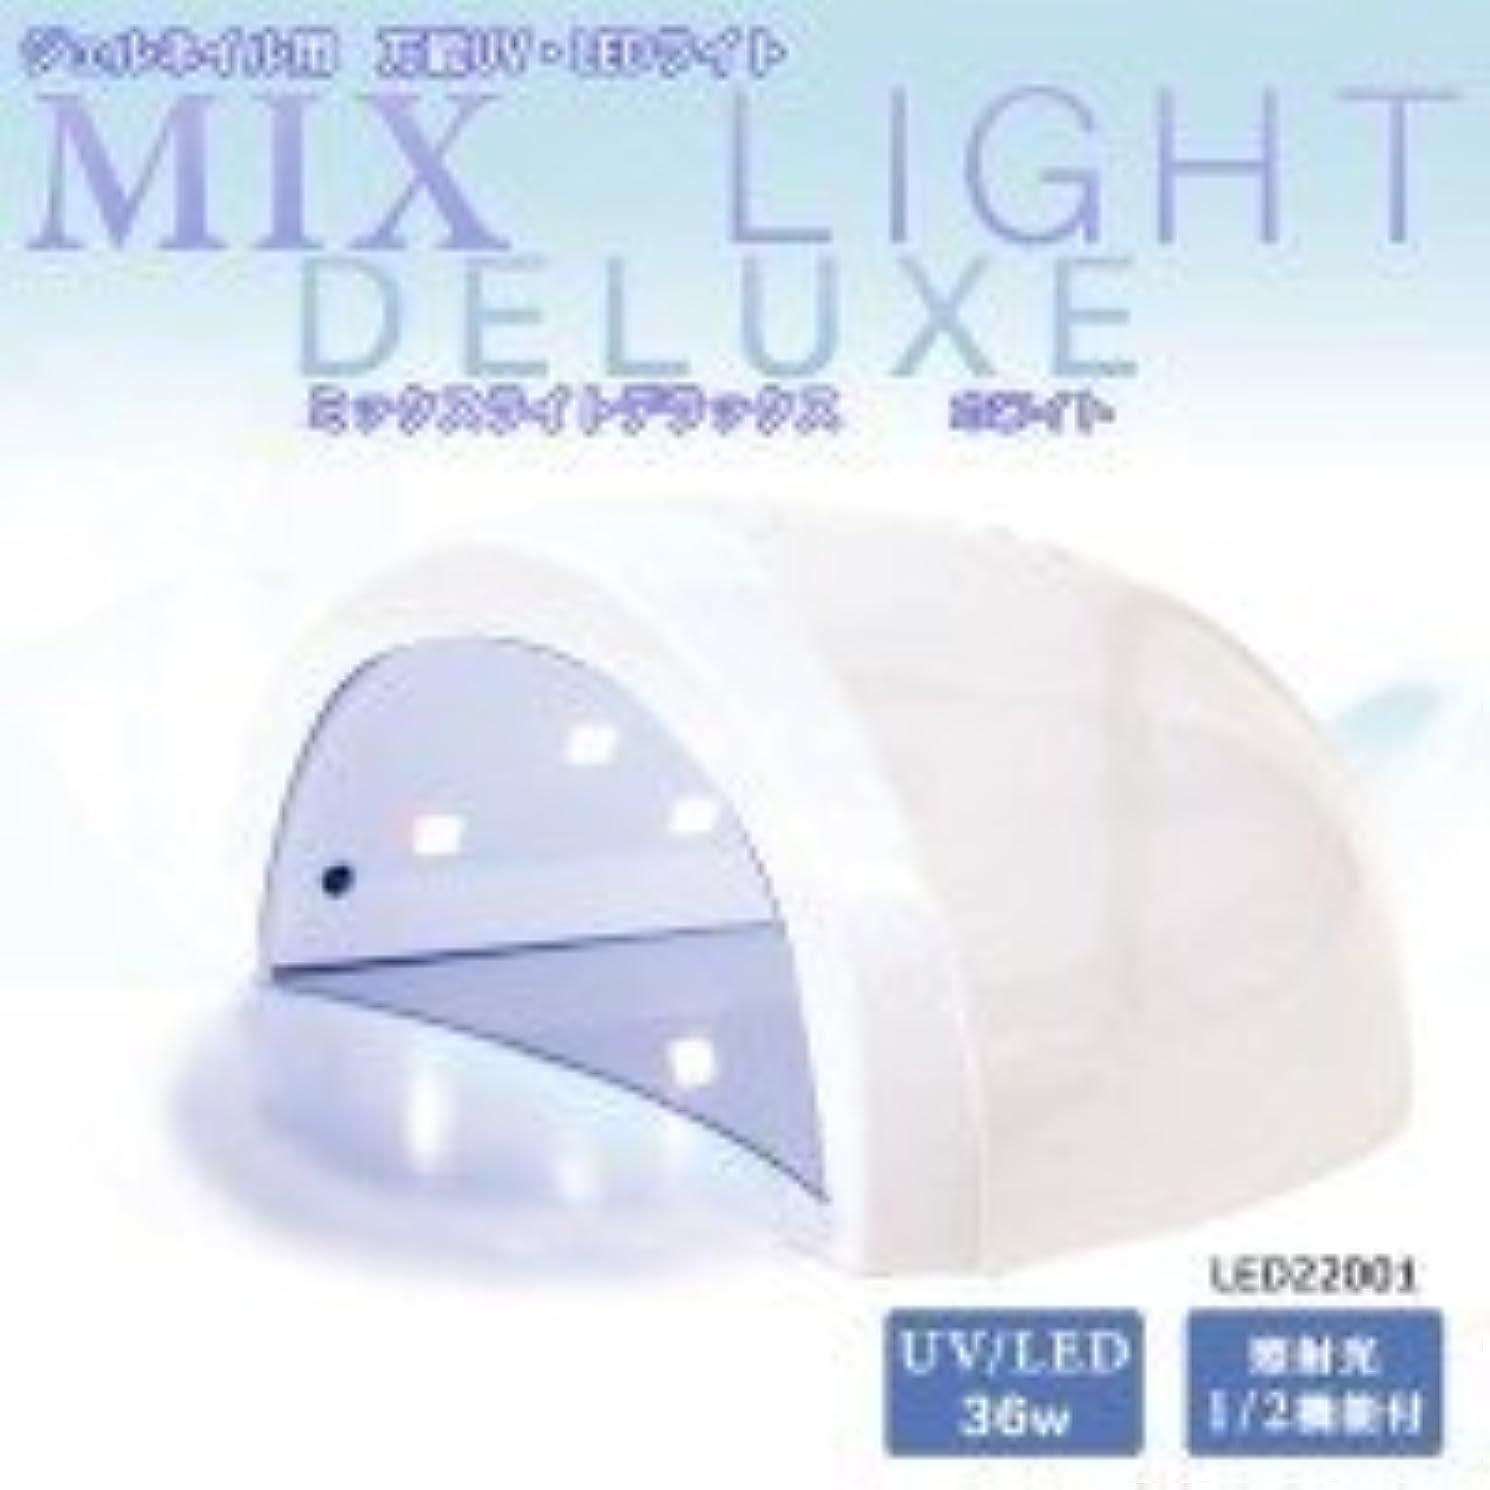 しかし前任者原始的なビューティーワールド ジェルネイル用 万能UV?LEDライト MIX LIGHT DELUXE ミックスライトデラックス  ホワイトLED22001